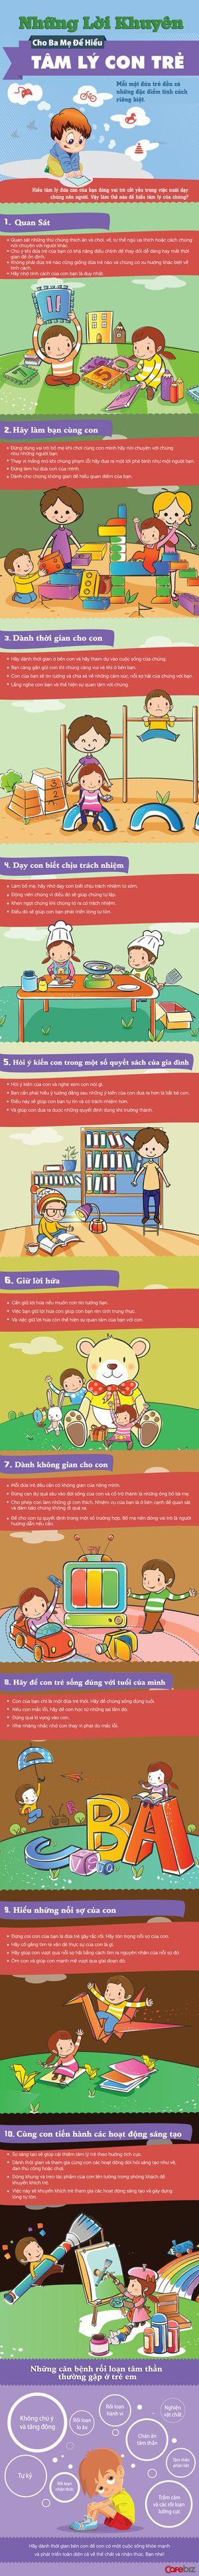 10 bước đơn giản để hiểu tâm lý con cái